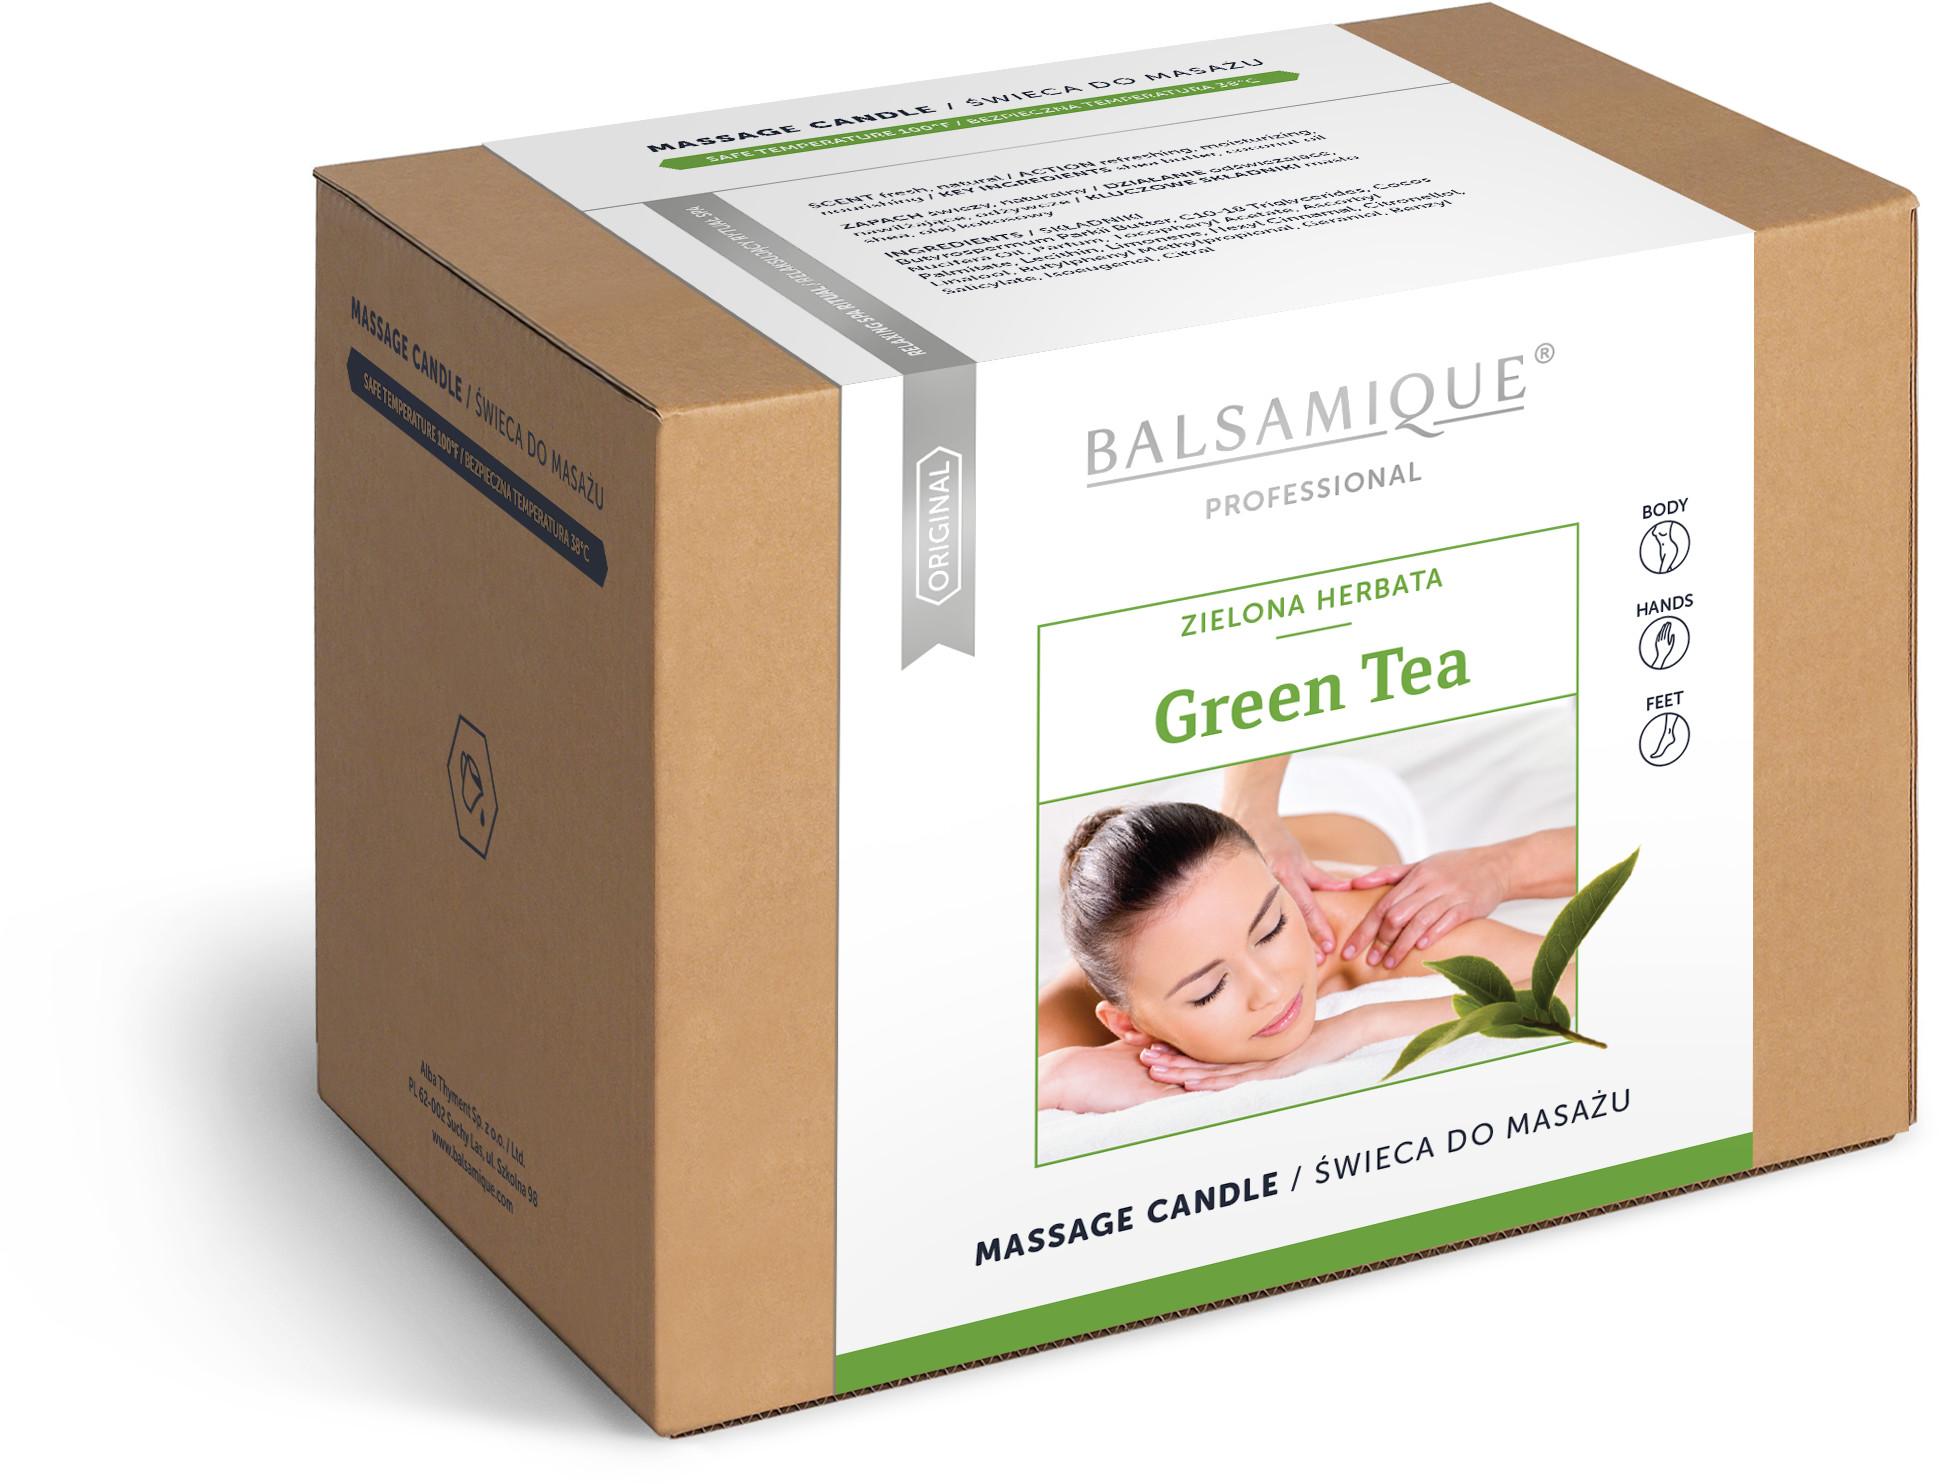 Alba Thyment Świeca do masażu ciała - Zielona herbata - Green Tea